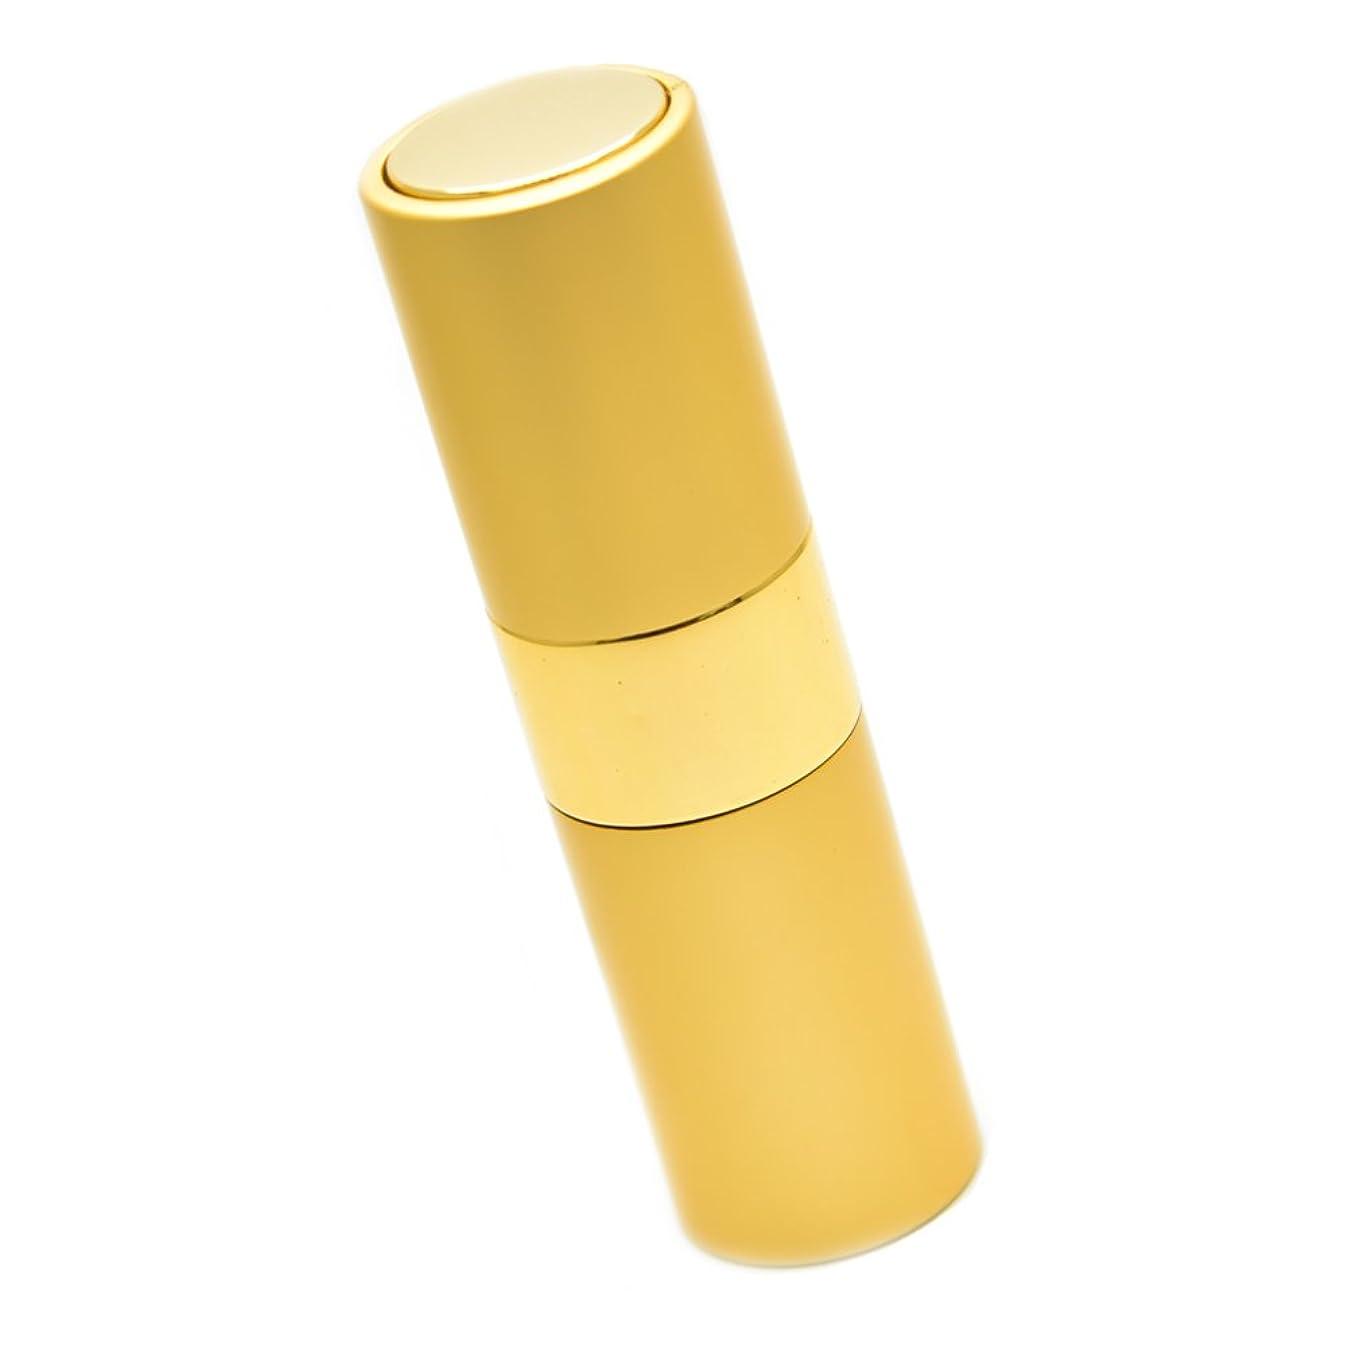 放棄ほこり被害者Geminass 香水 携帯用 アトマイザー プッシュ式 ボトル オシャレ メンズ レディース 15ml (ゴールド)